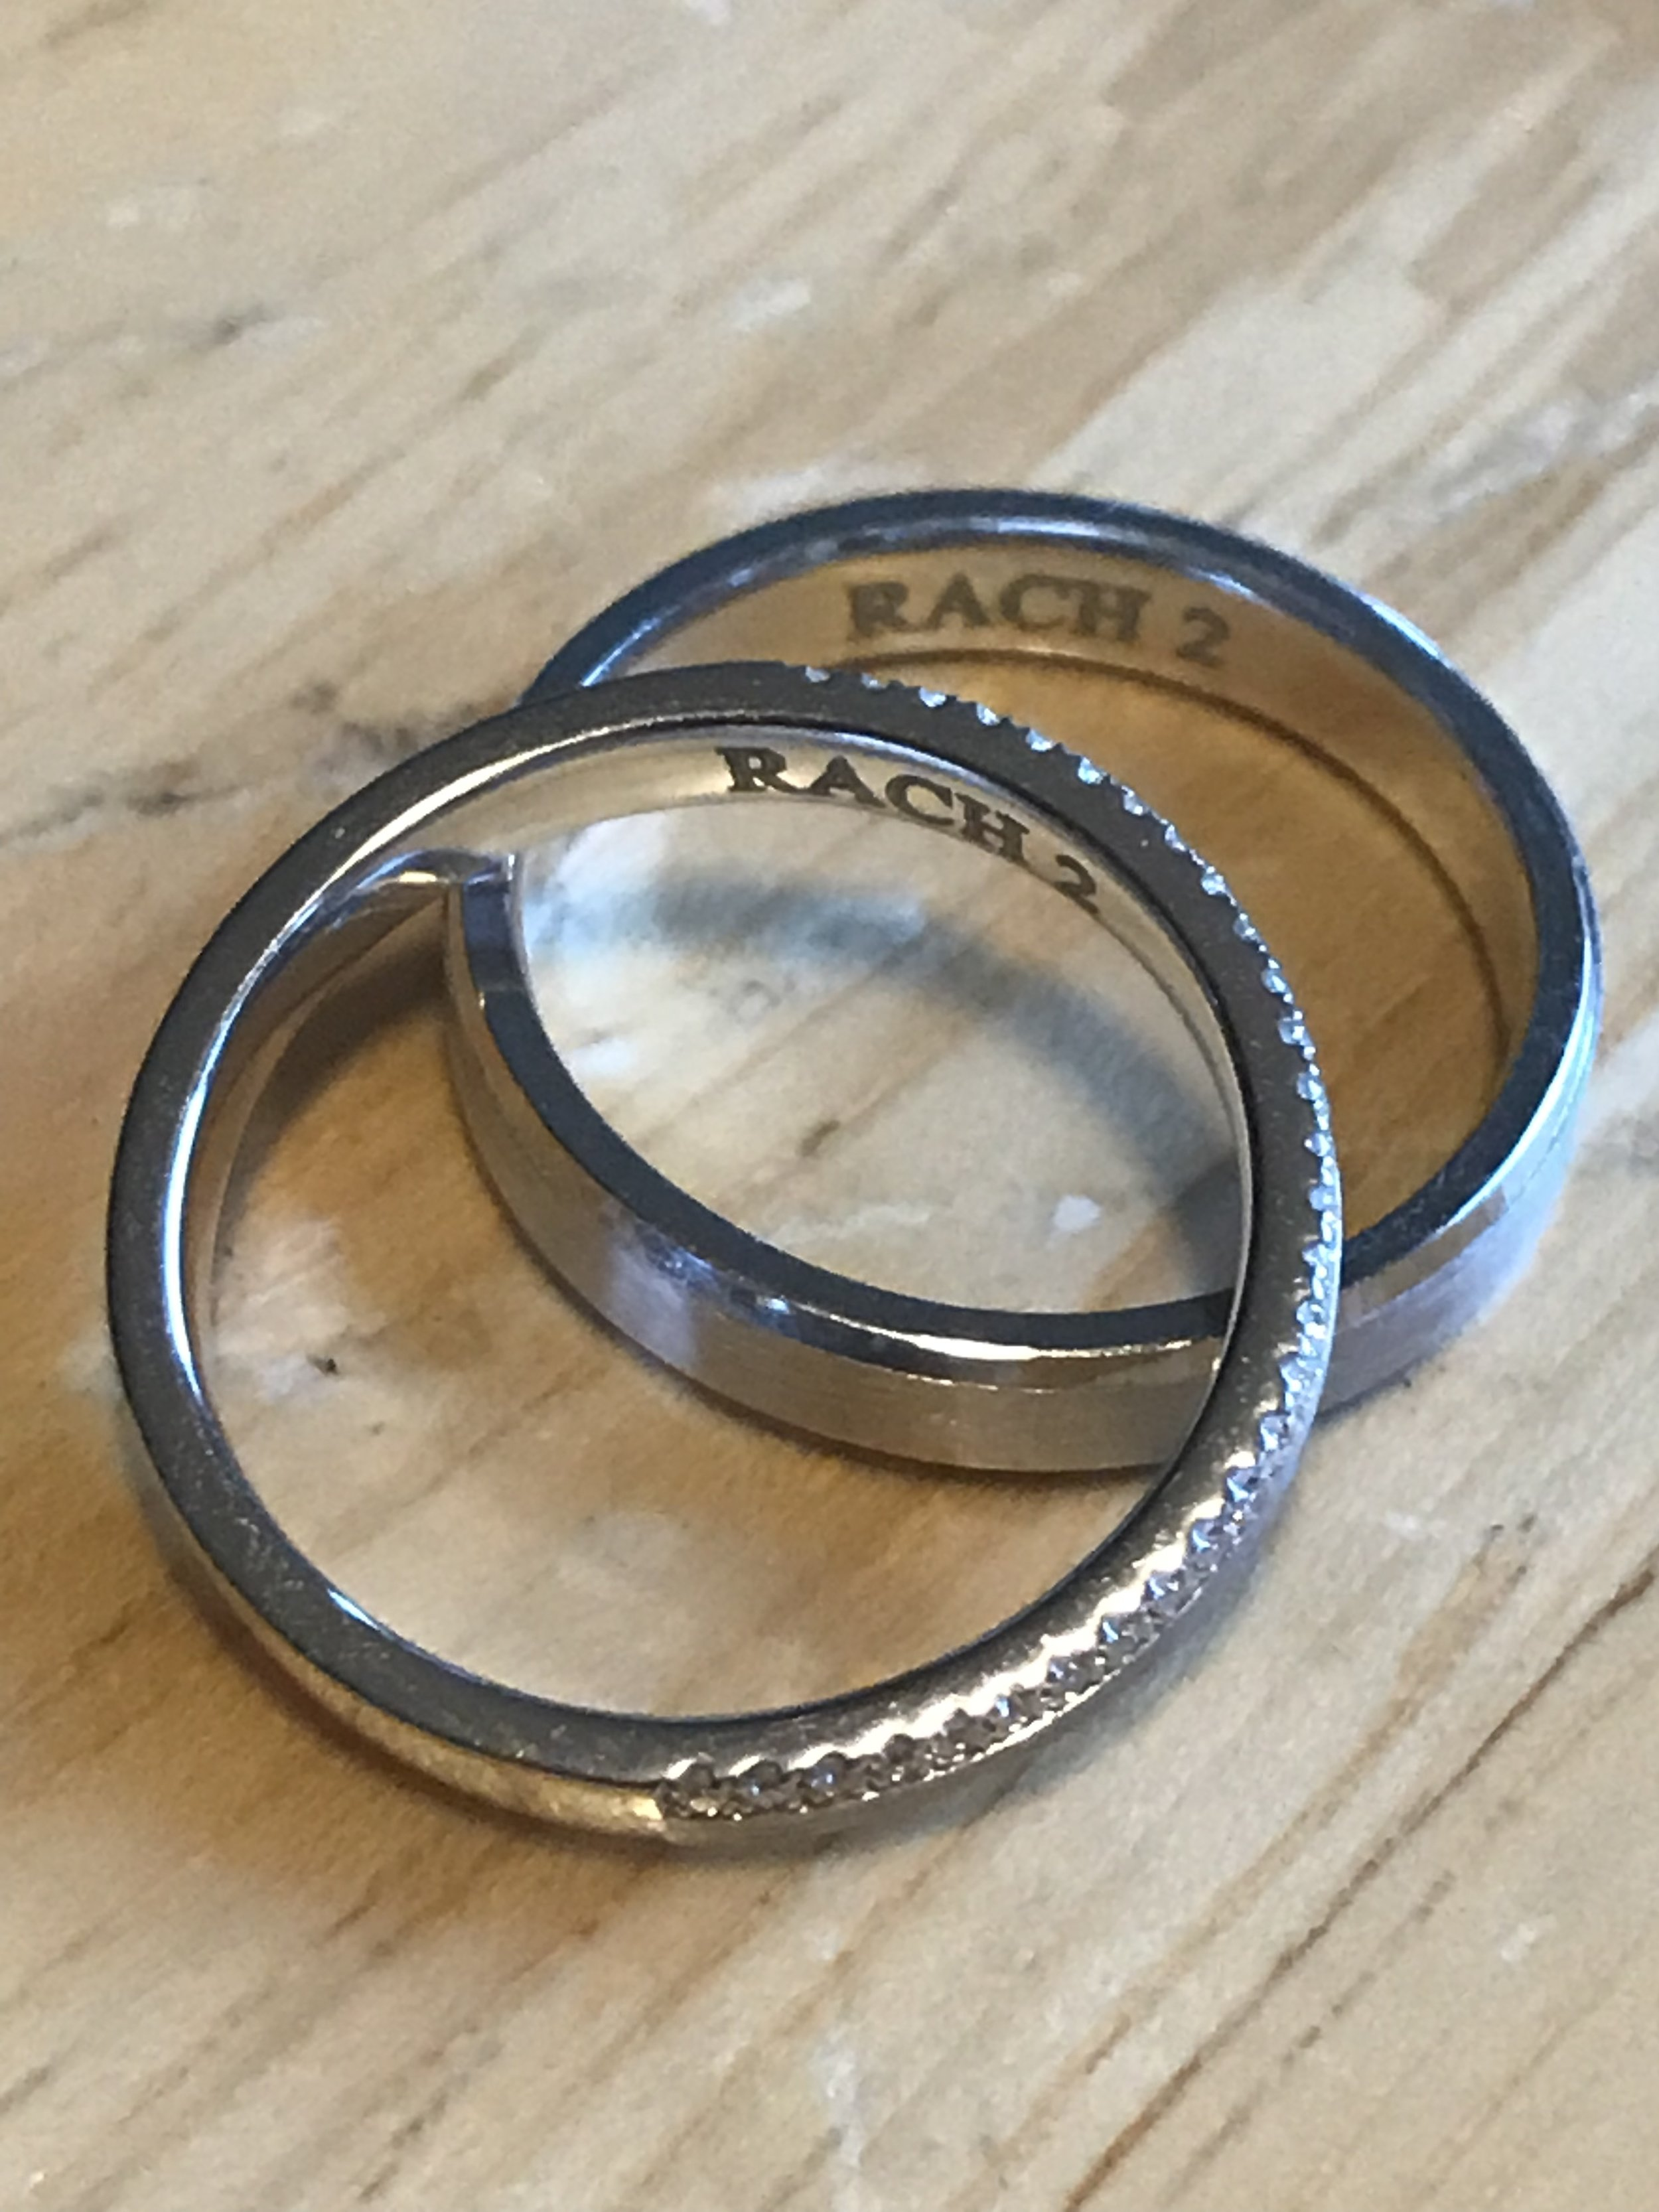 Rach 2 Rings.jpg